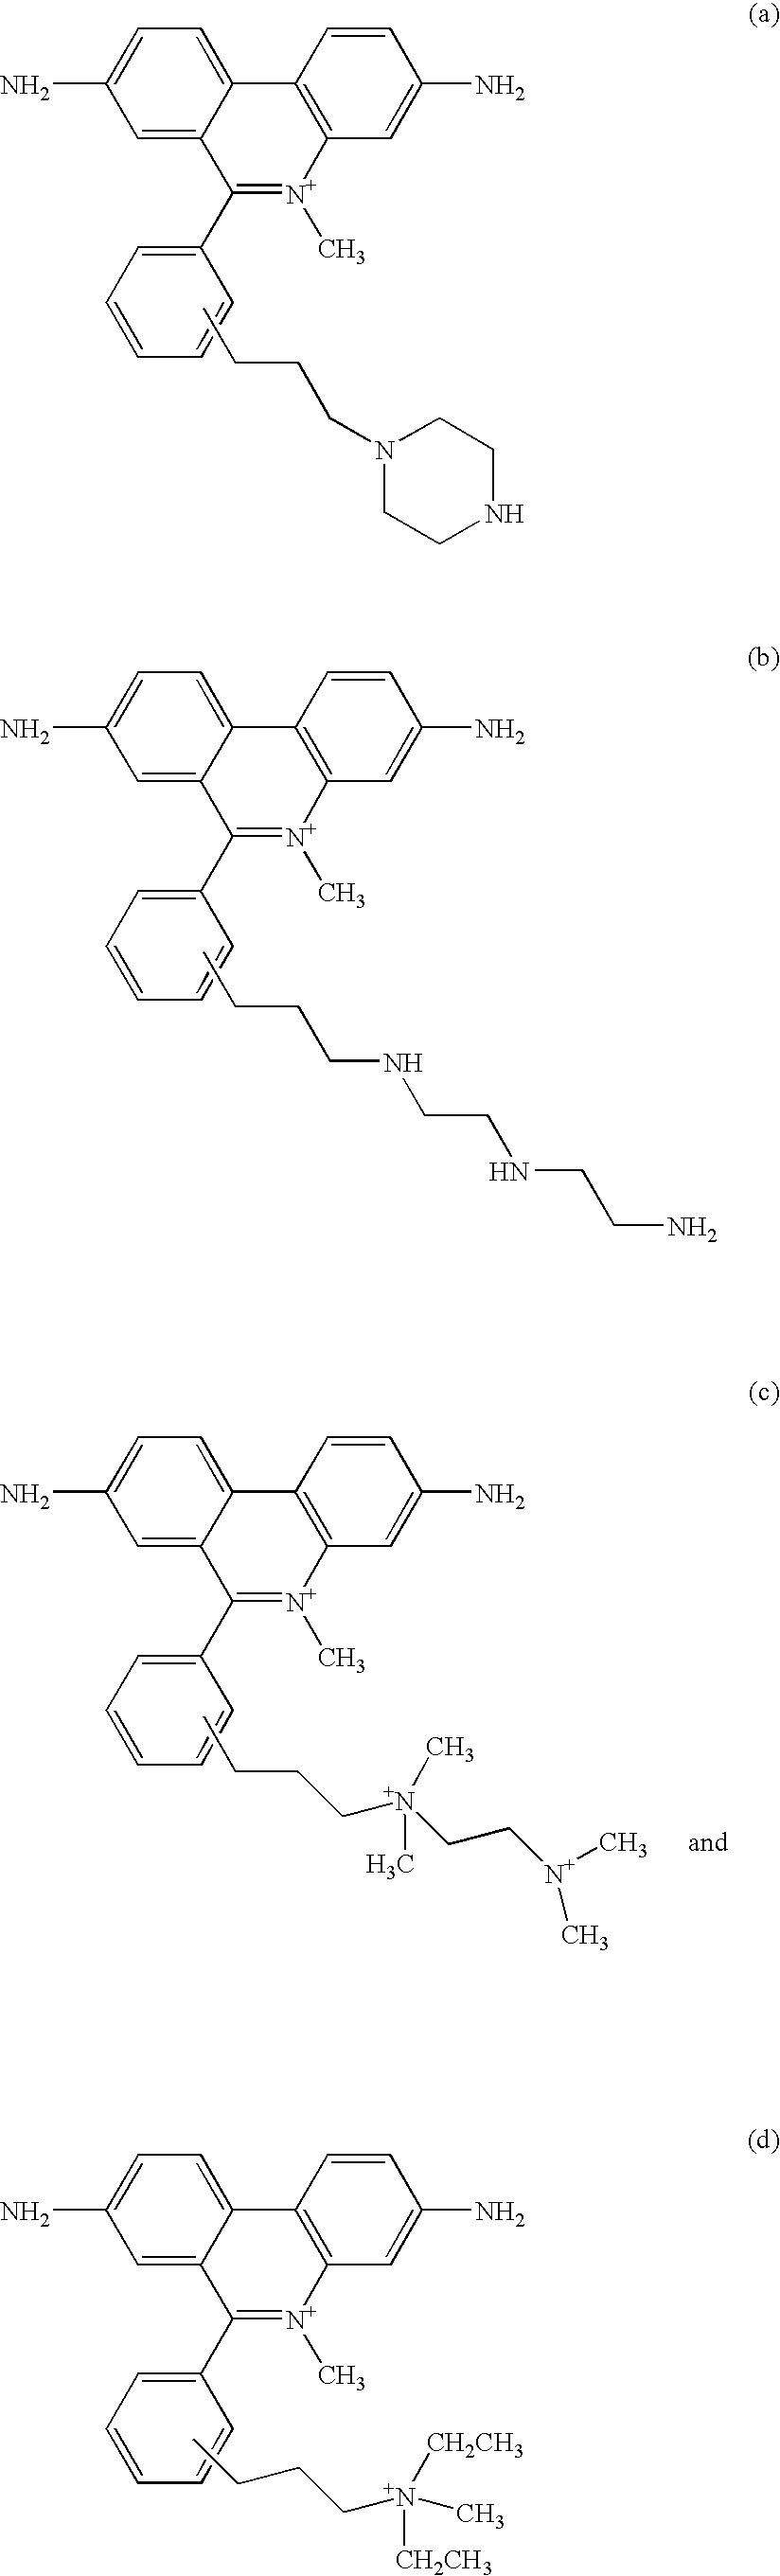 Figure US20040203038A1-20041014-C00008